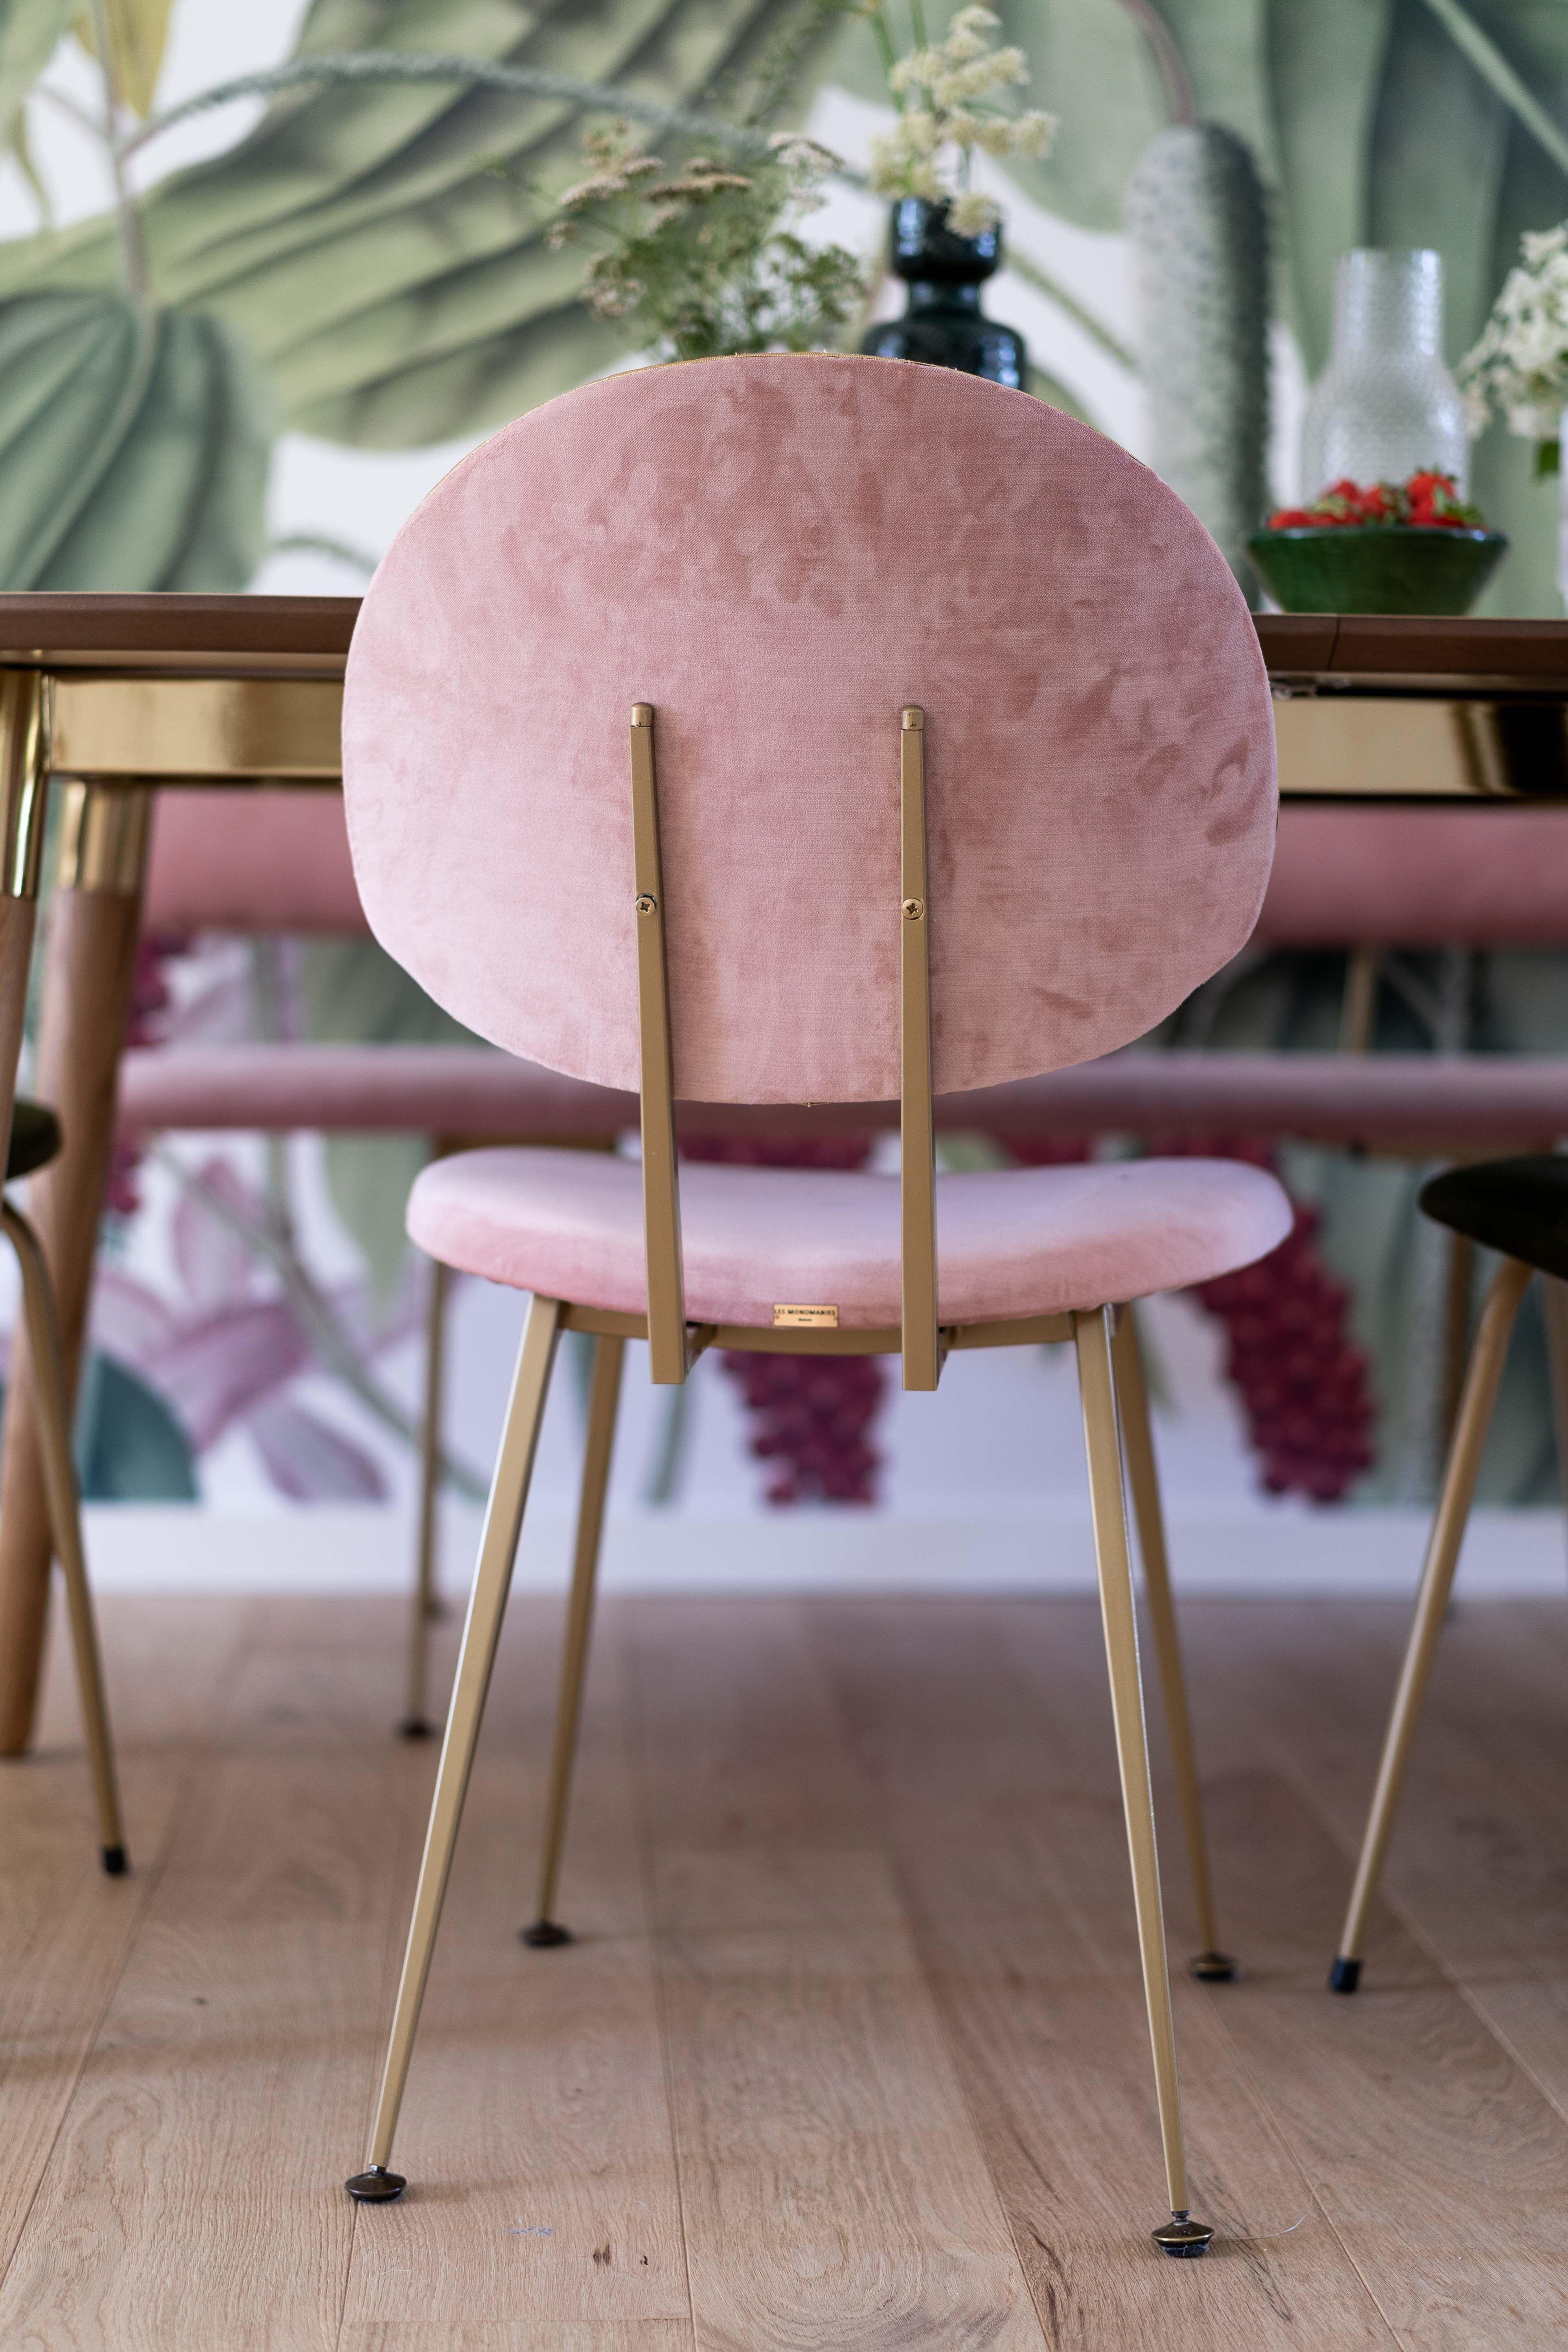 Rénovation Salle à Manger Chaise Sur Mesure Velours Rose